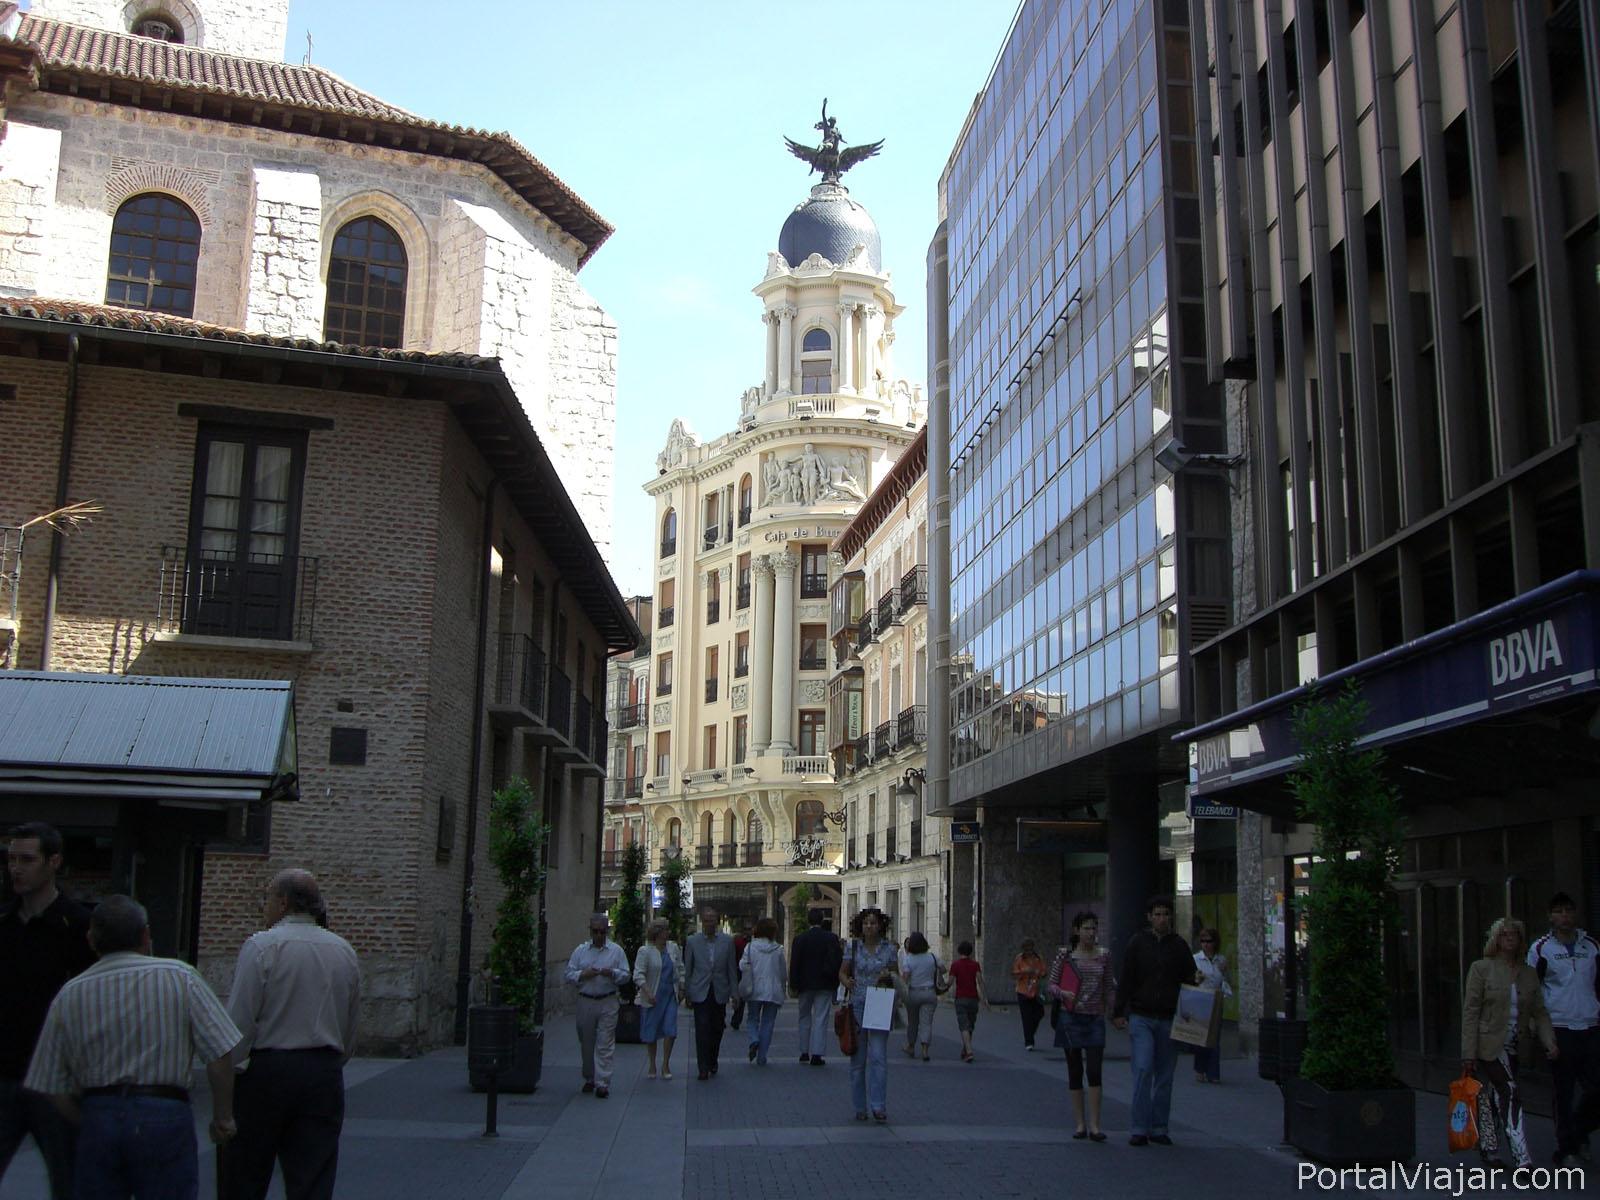 Caja de Burgos (Valladolid)